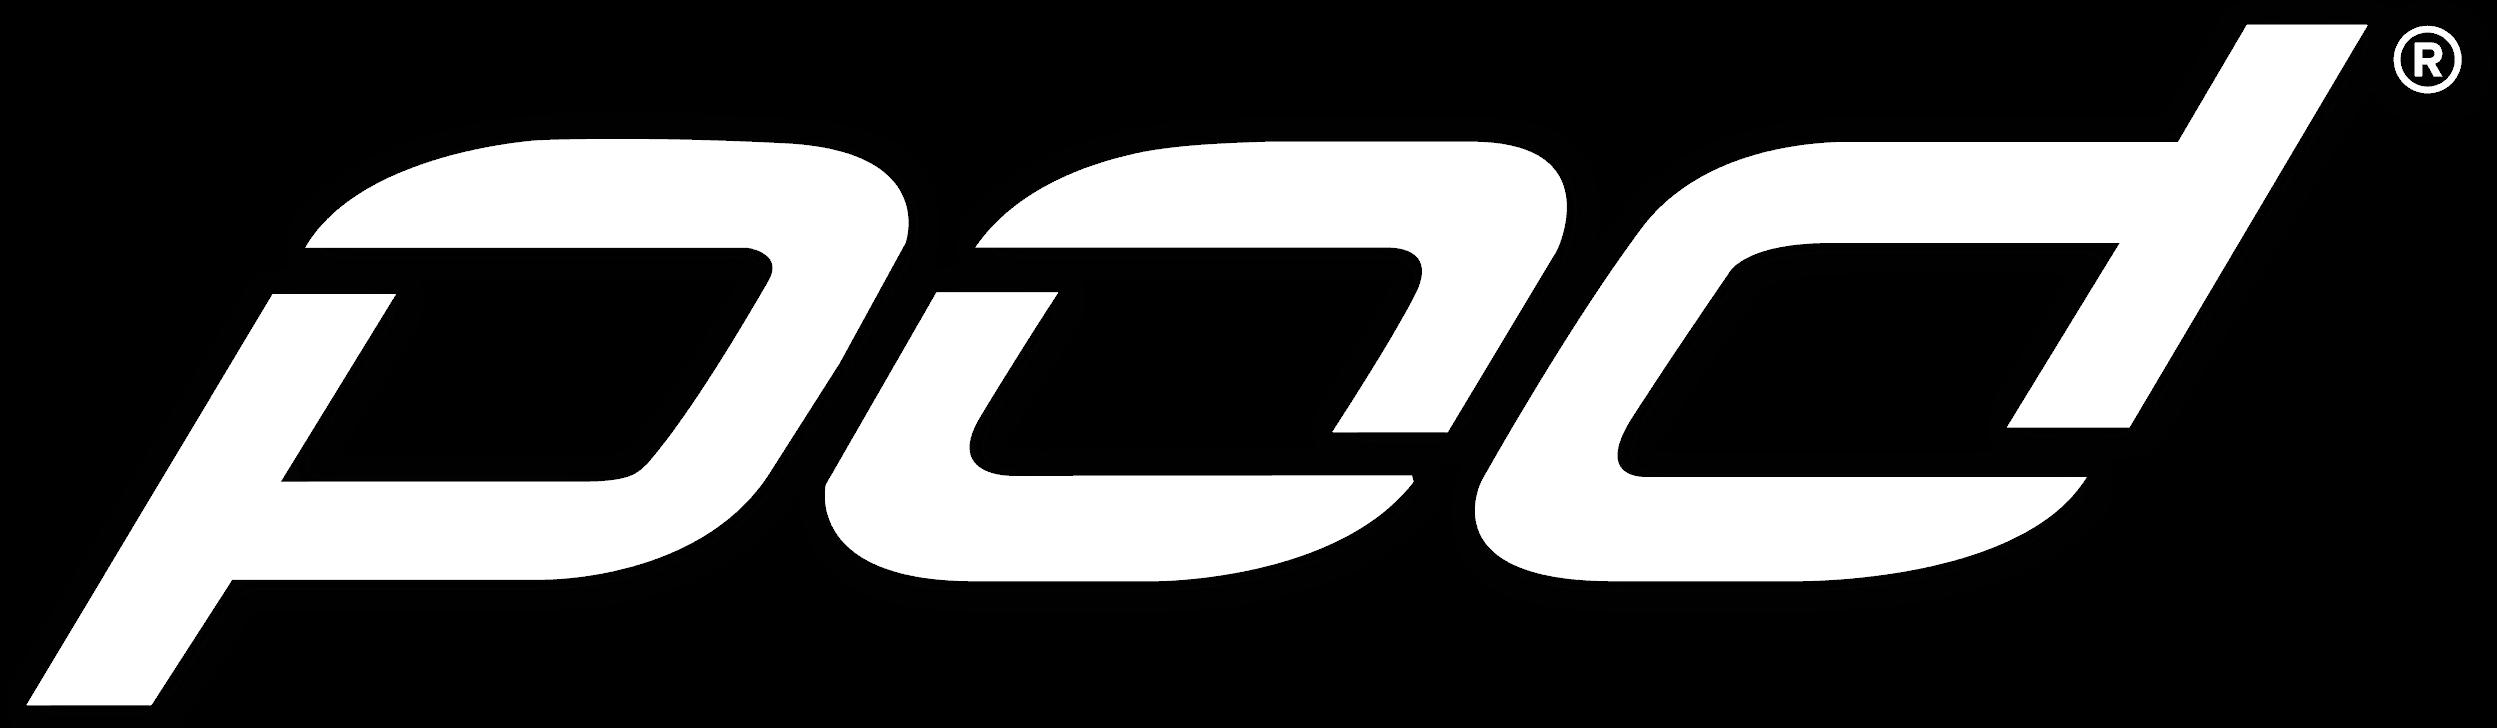 Logo Pod Mx distributeur exclusif Explorcom.